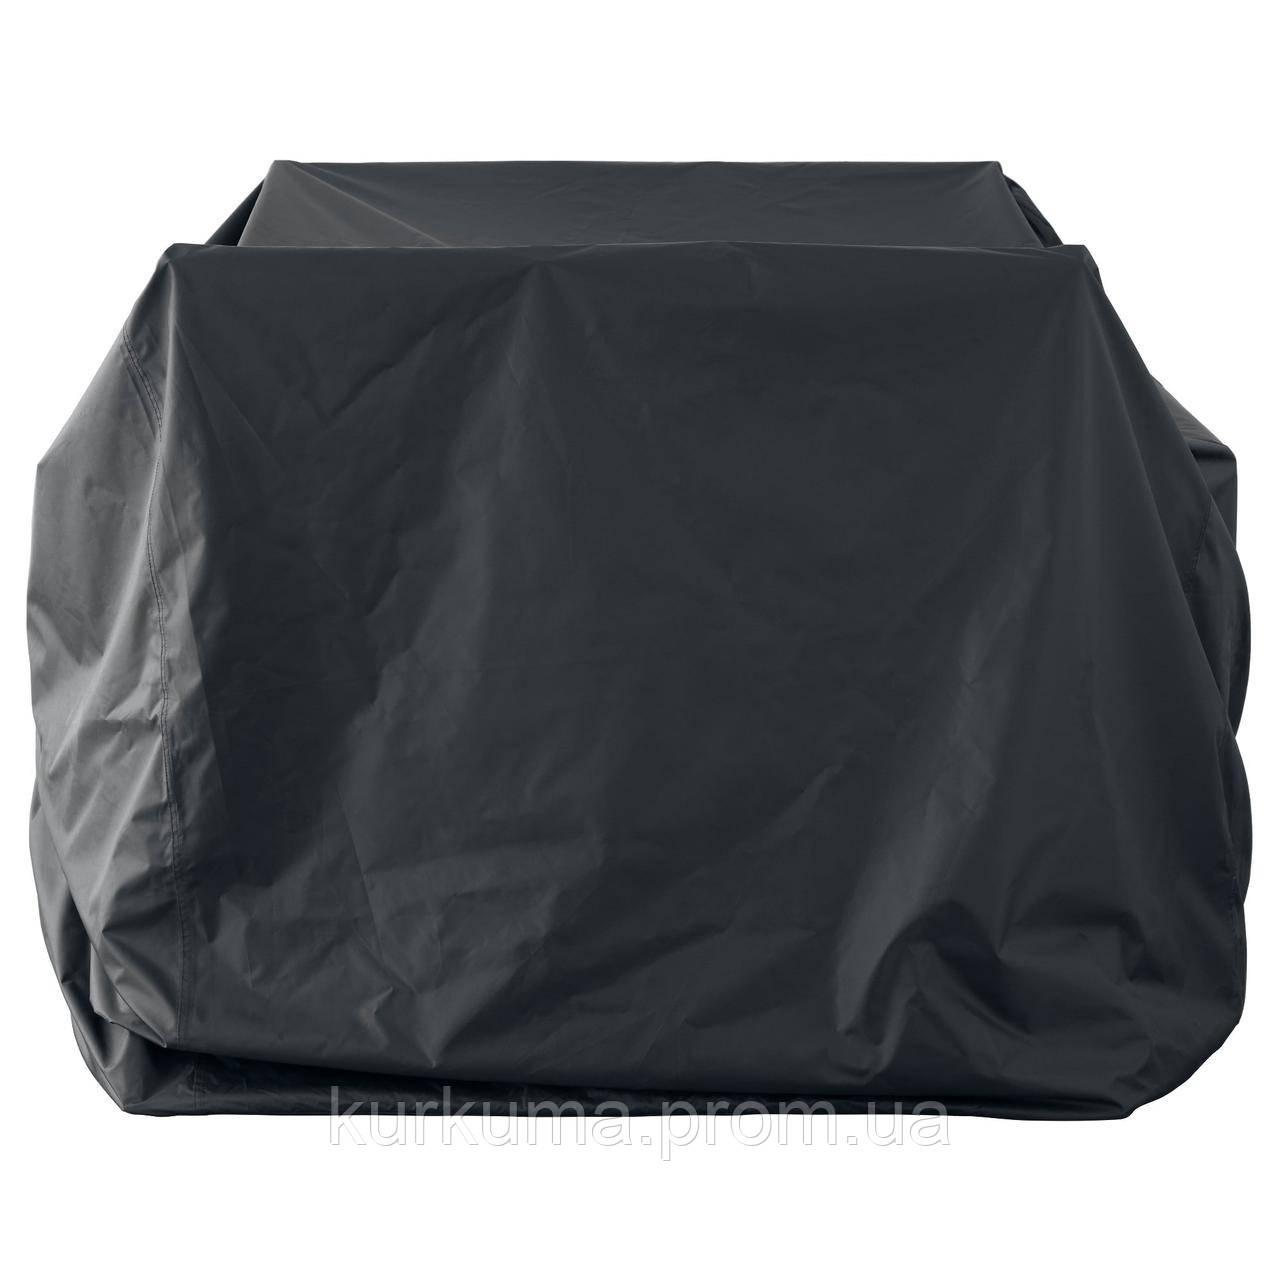 IKEA TOSTERO Чехол на мебель, черный  (302.923.23)